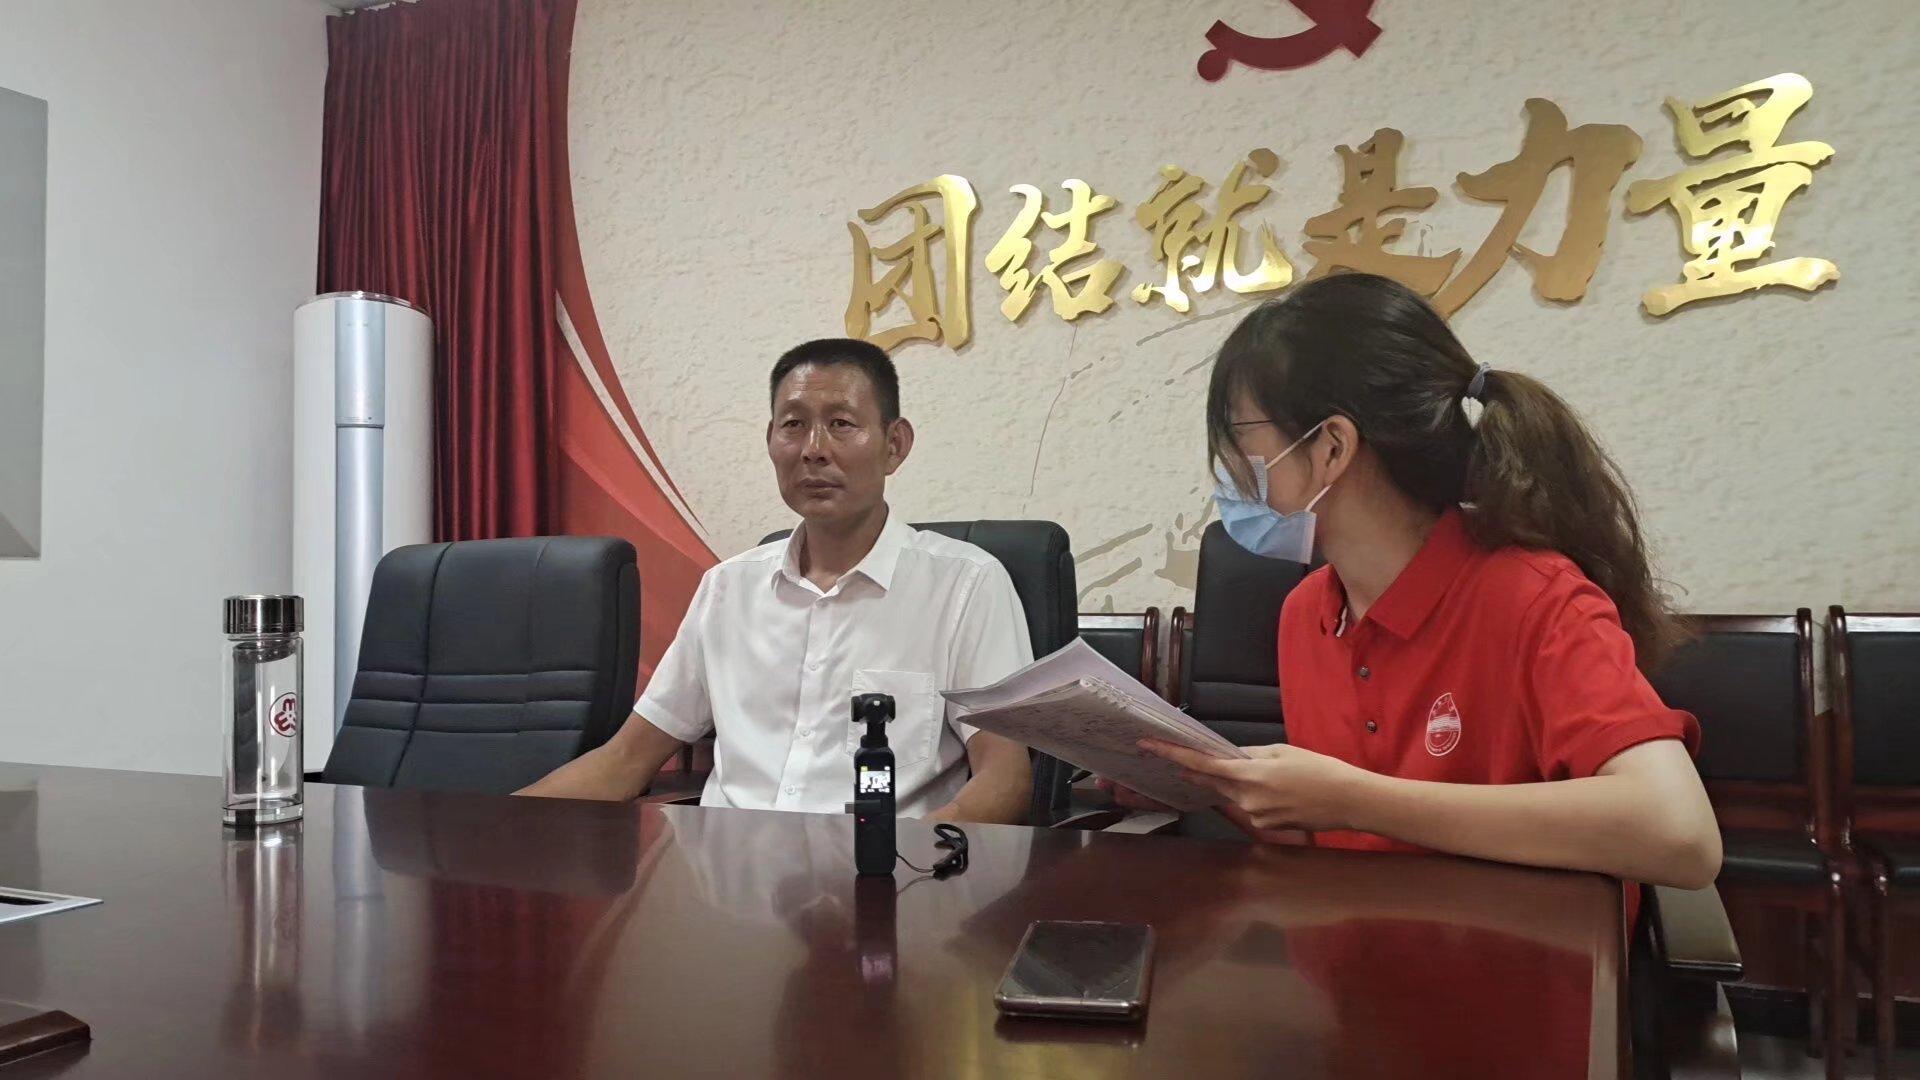 图为队长胡梓婕向北庄村村支书封红卷提问。项泉智 摄